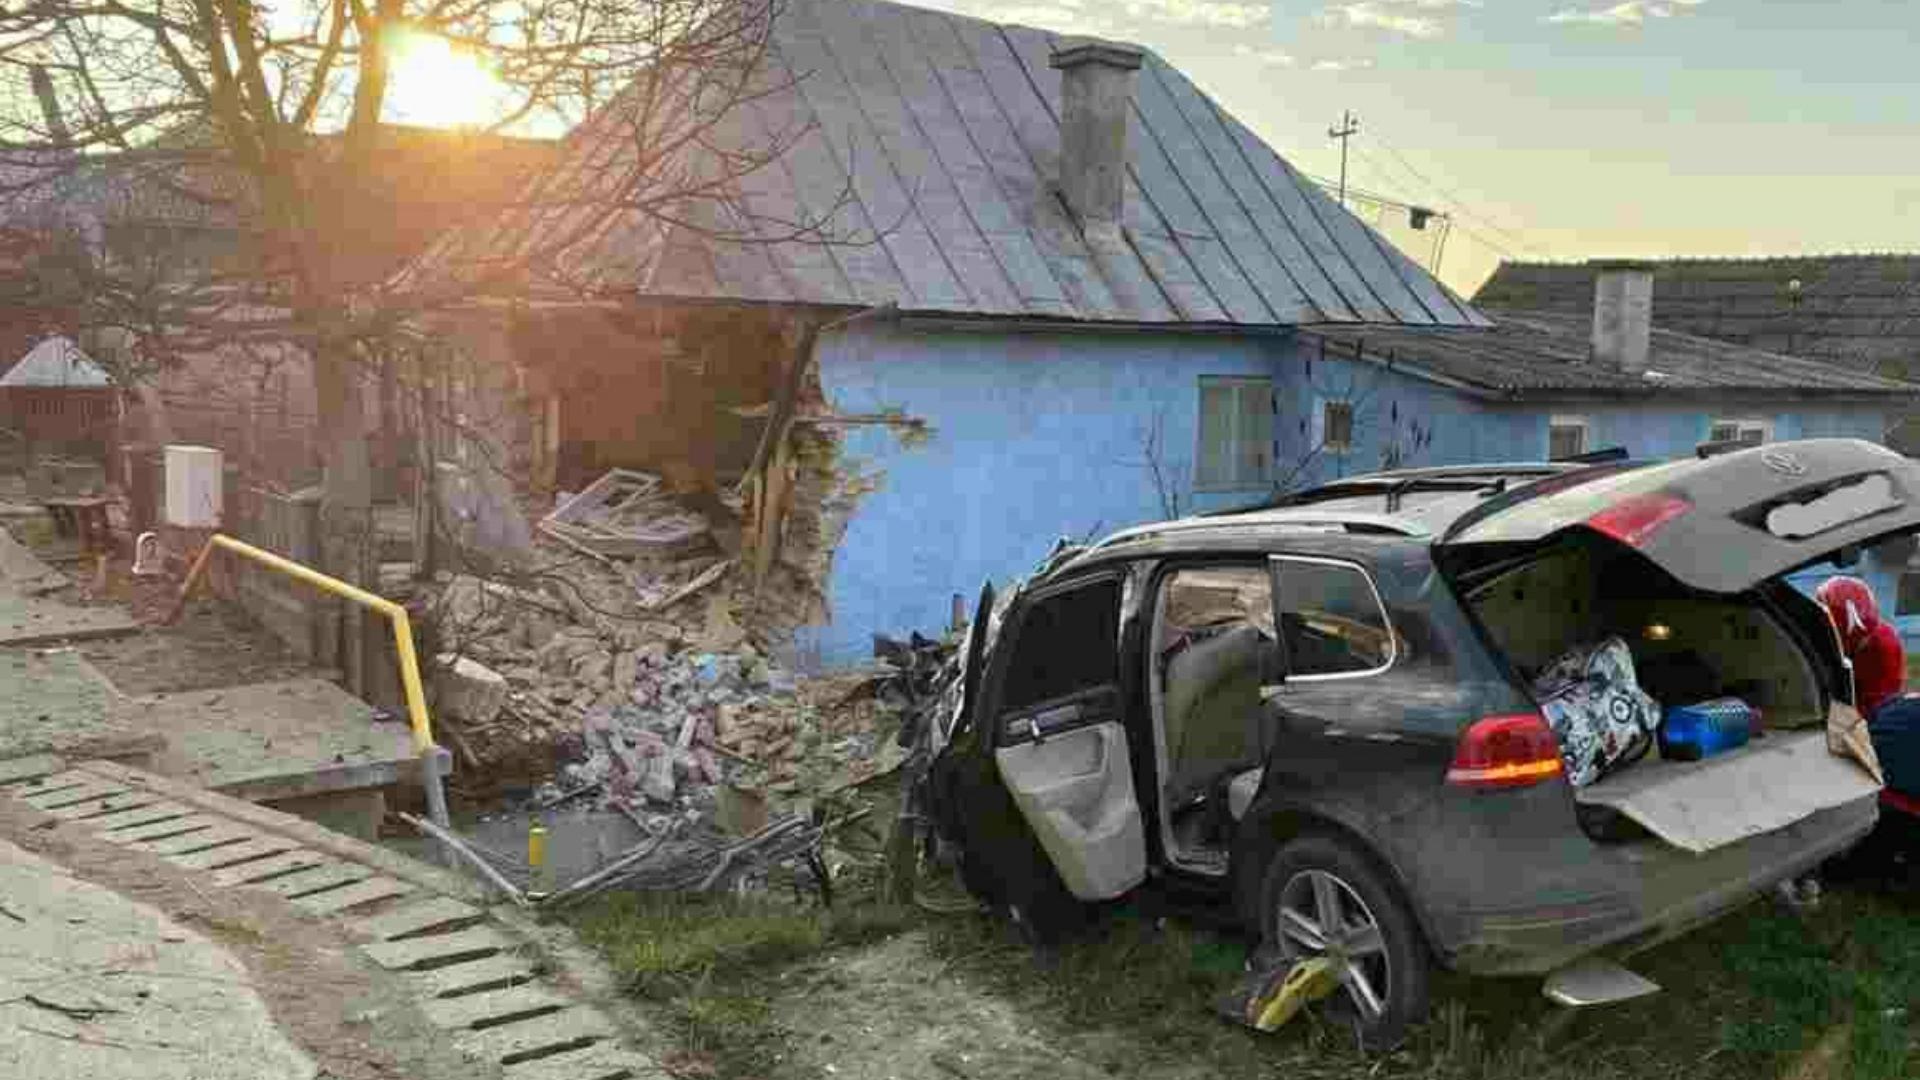 Accident mortal în Bistrița-Năsăud: Un autoturism s-a înfipt într-o casă! O femeie a murit și trei persoane au fost rănite